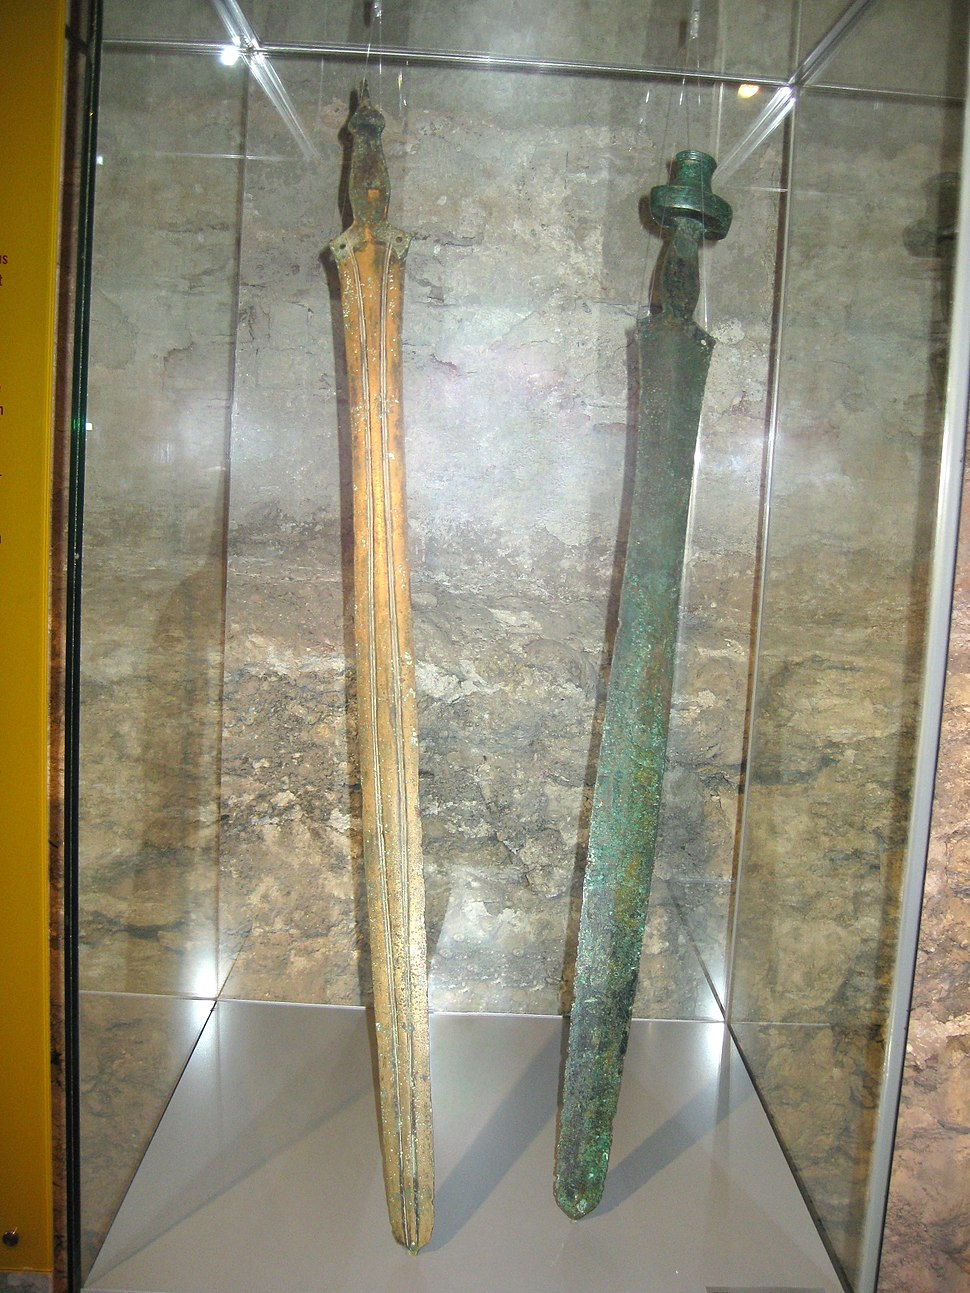 Hallstatt 'C' Swords in Wels Museum, Upper Austria